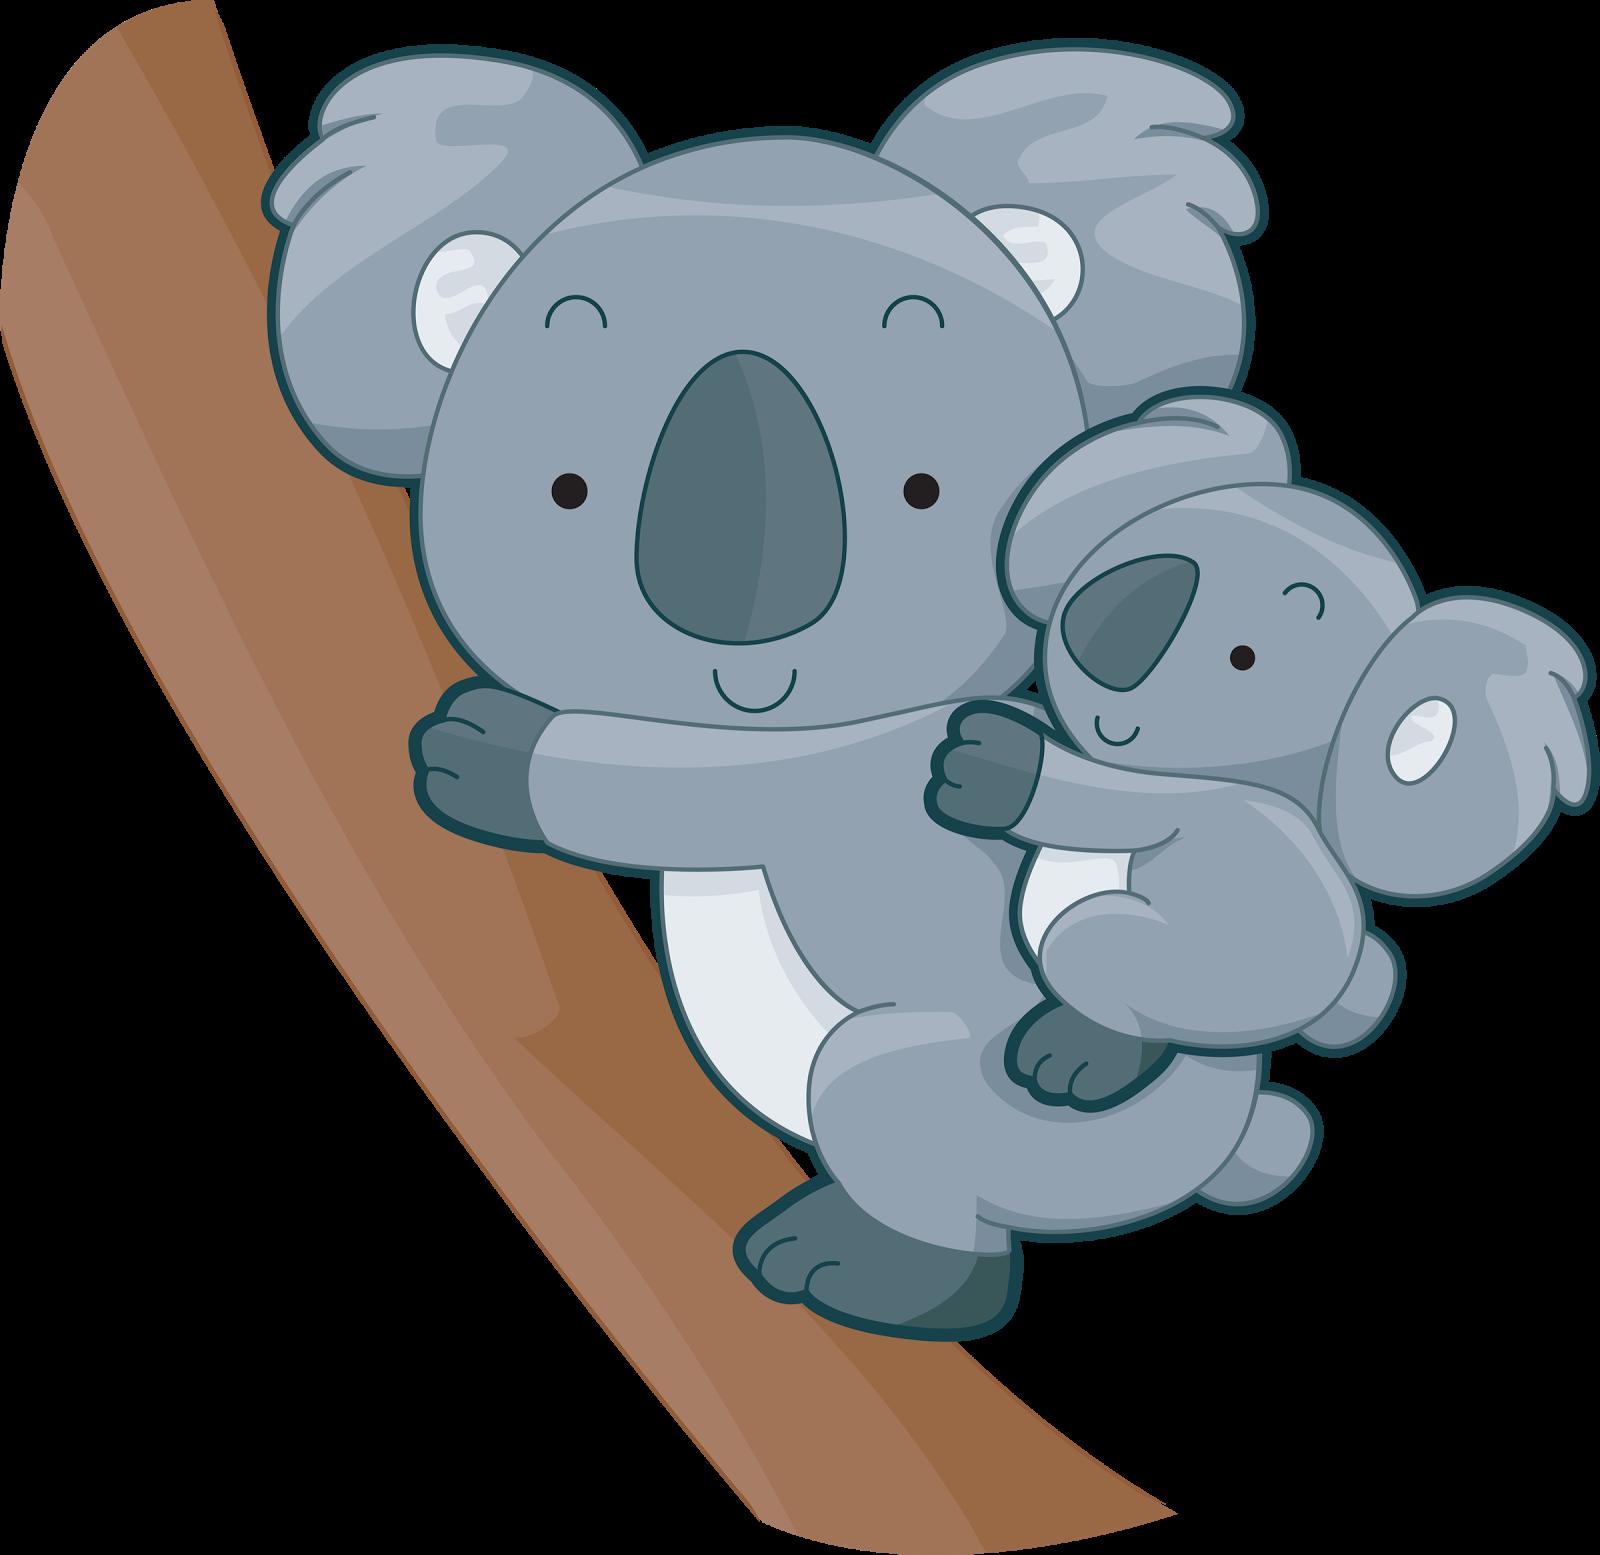 Koalas pinterest. Koala clipart icon australian